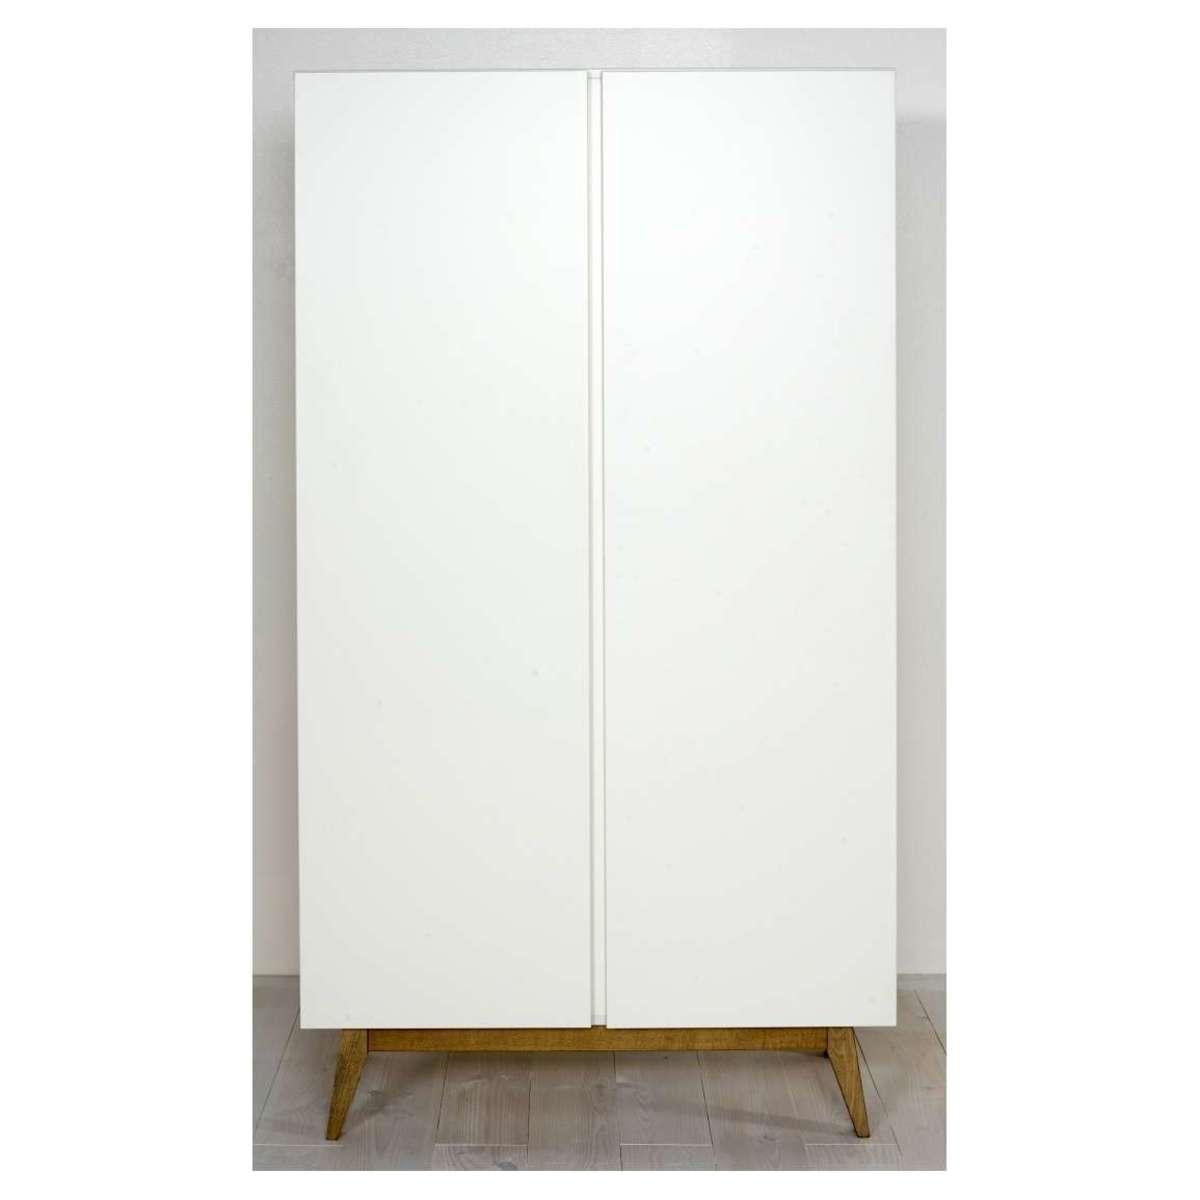 Quax armoire 2 portes trendy blanc armoire quax sur l - L armoire de bebe ...